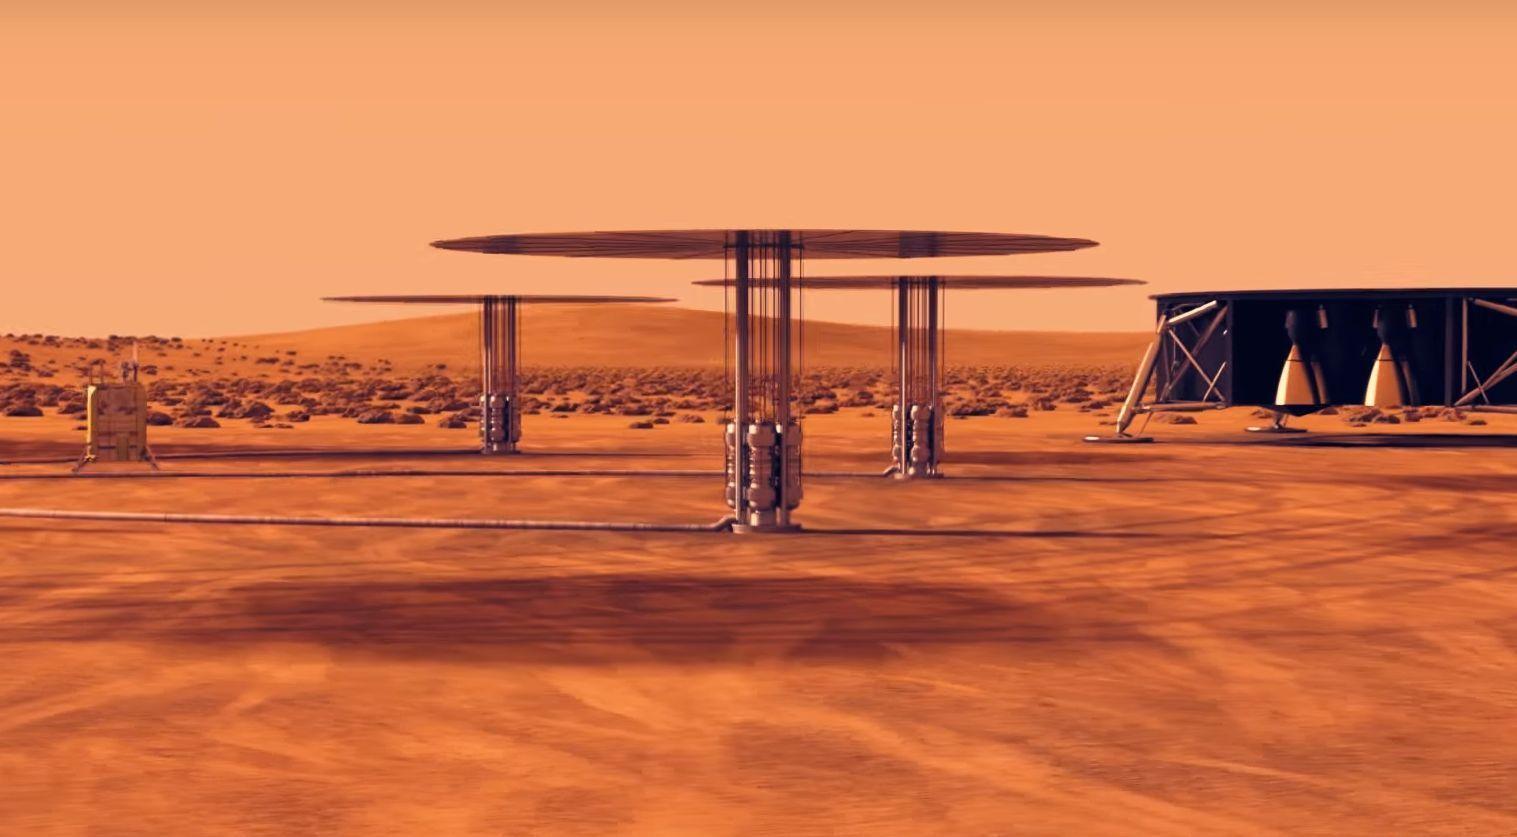 Dette kan bli energikilden til den første Mars-kolonien